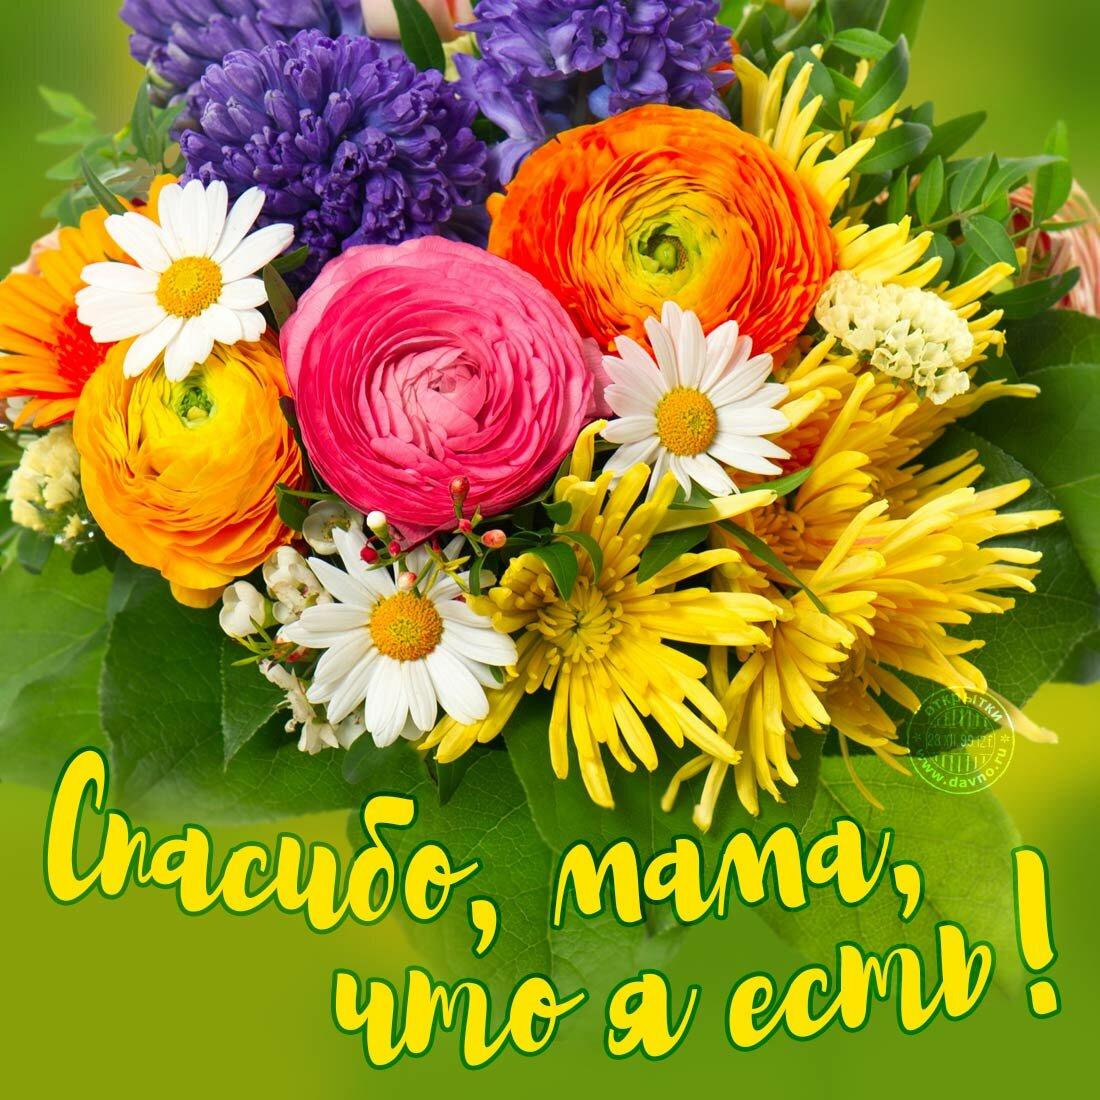 День матери открытки поздравления фото красивые хорошего качества, приколом для